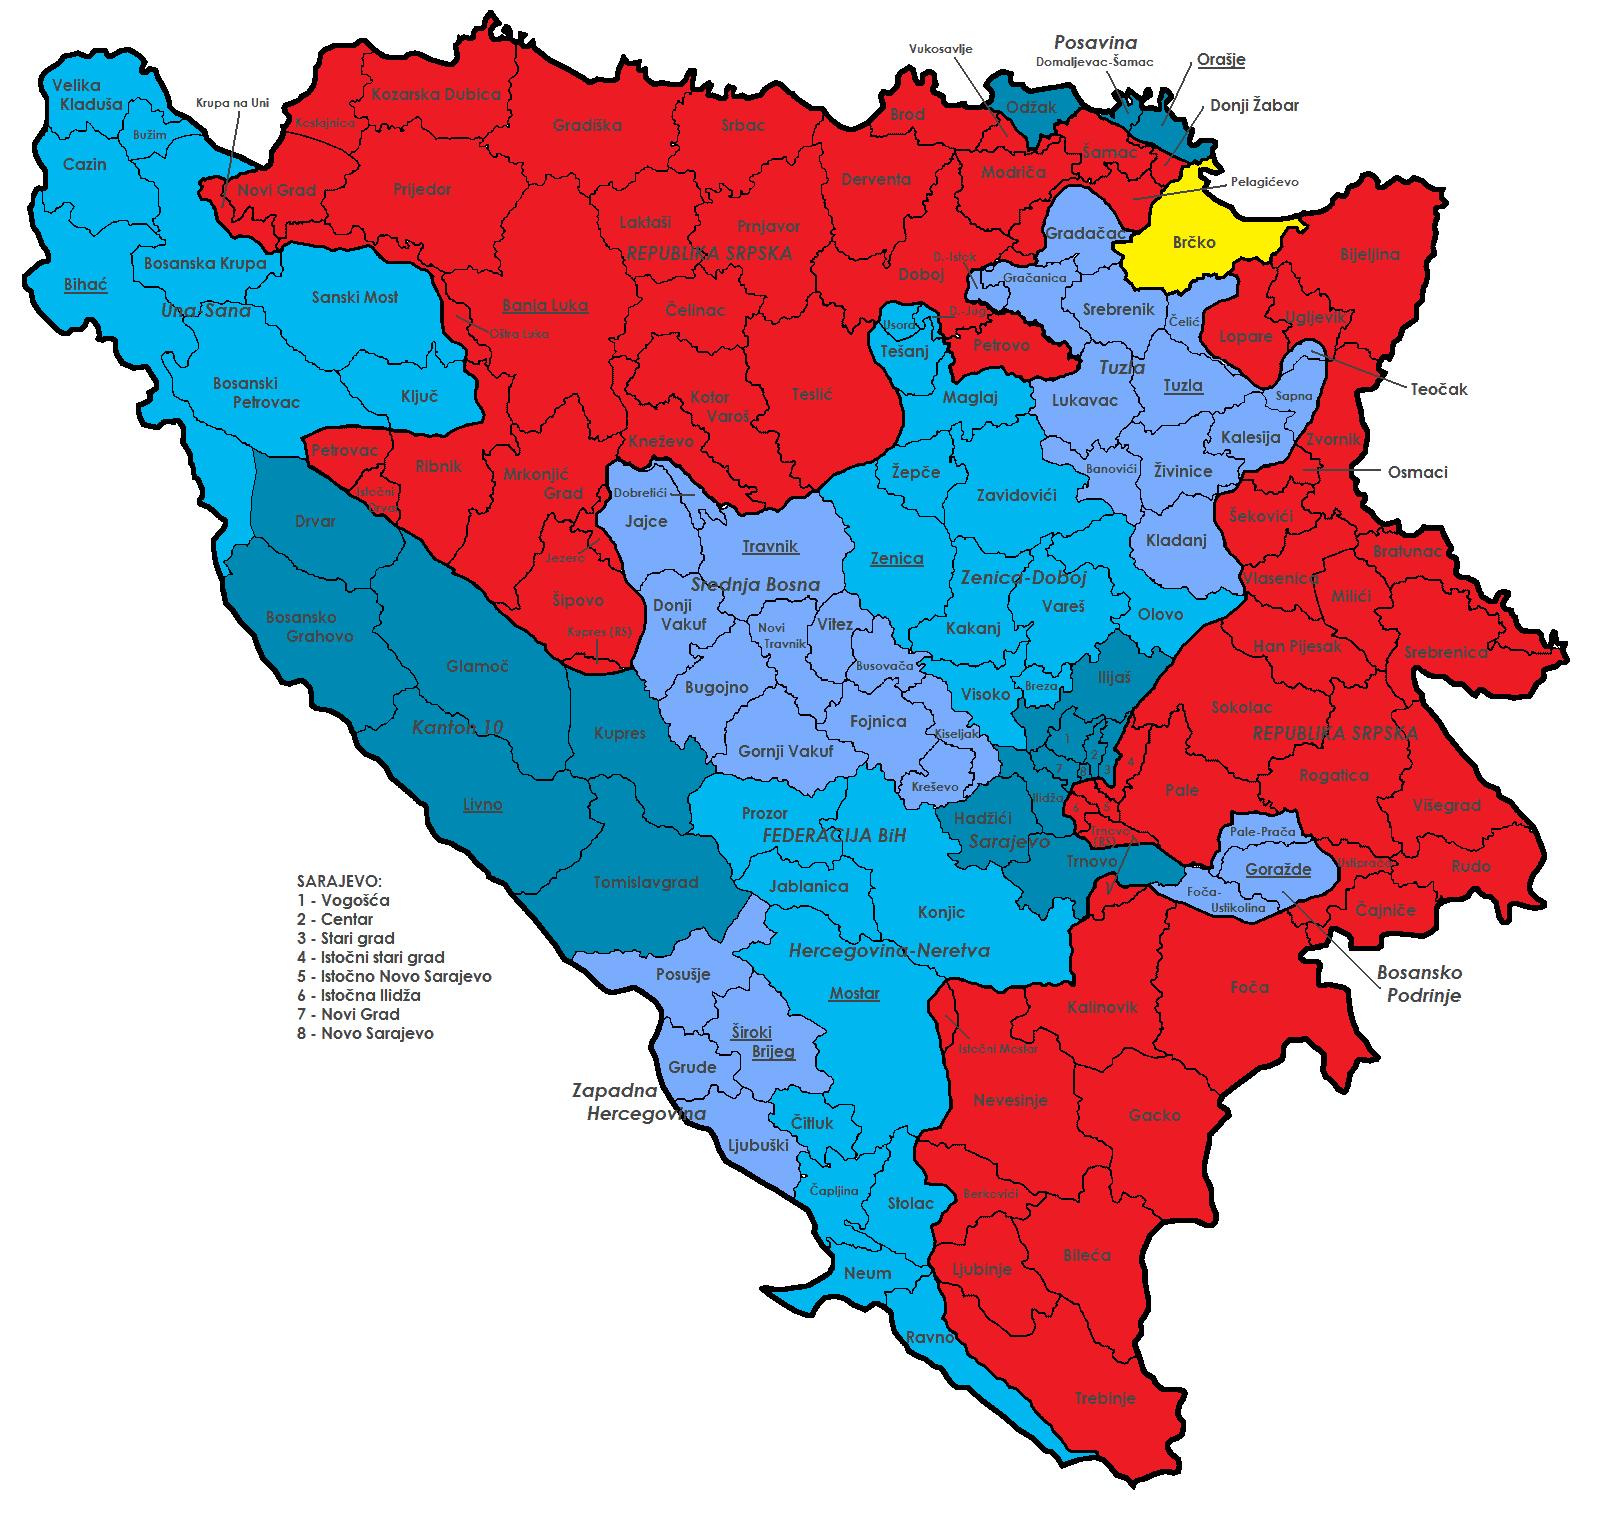 Адміністративний поділ Боснії та Герцоговини